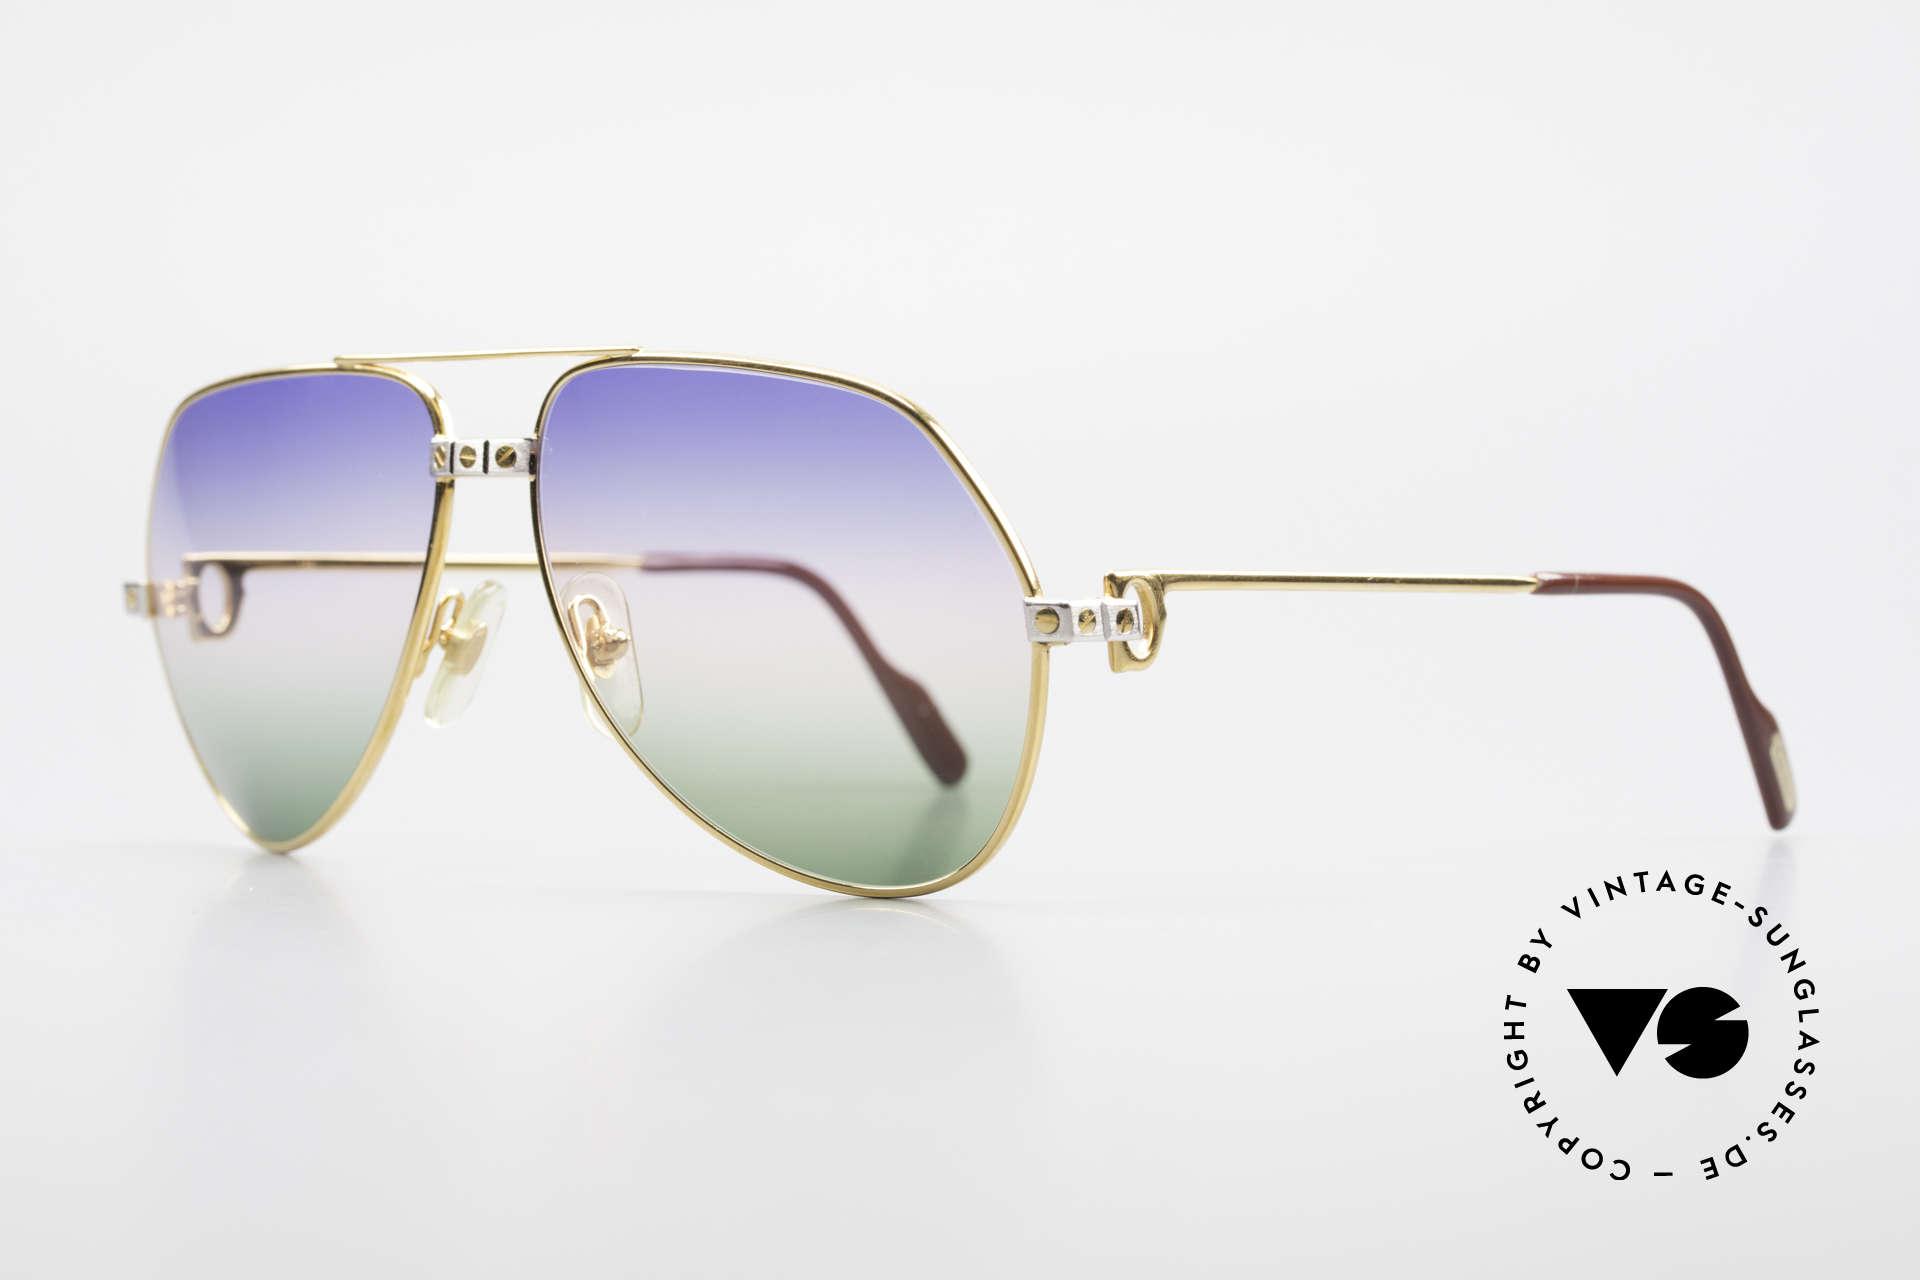 Cartier Vendome Santos - M Rare Vintage Brille 80er Luxus, Santos-Dekor (3 Schrauben): Medium Größe 59-14, 140, Passend für Herren und Damen